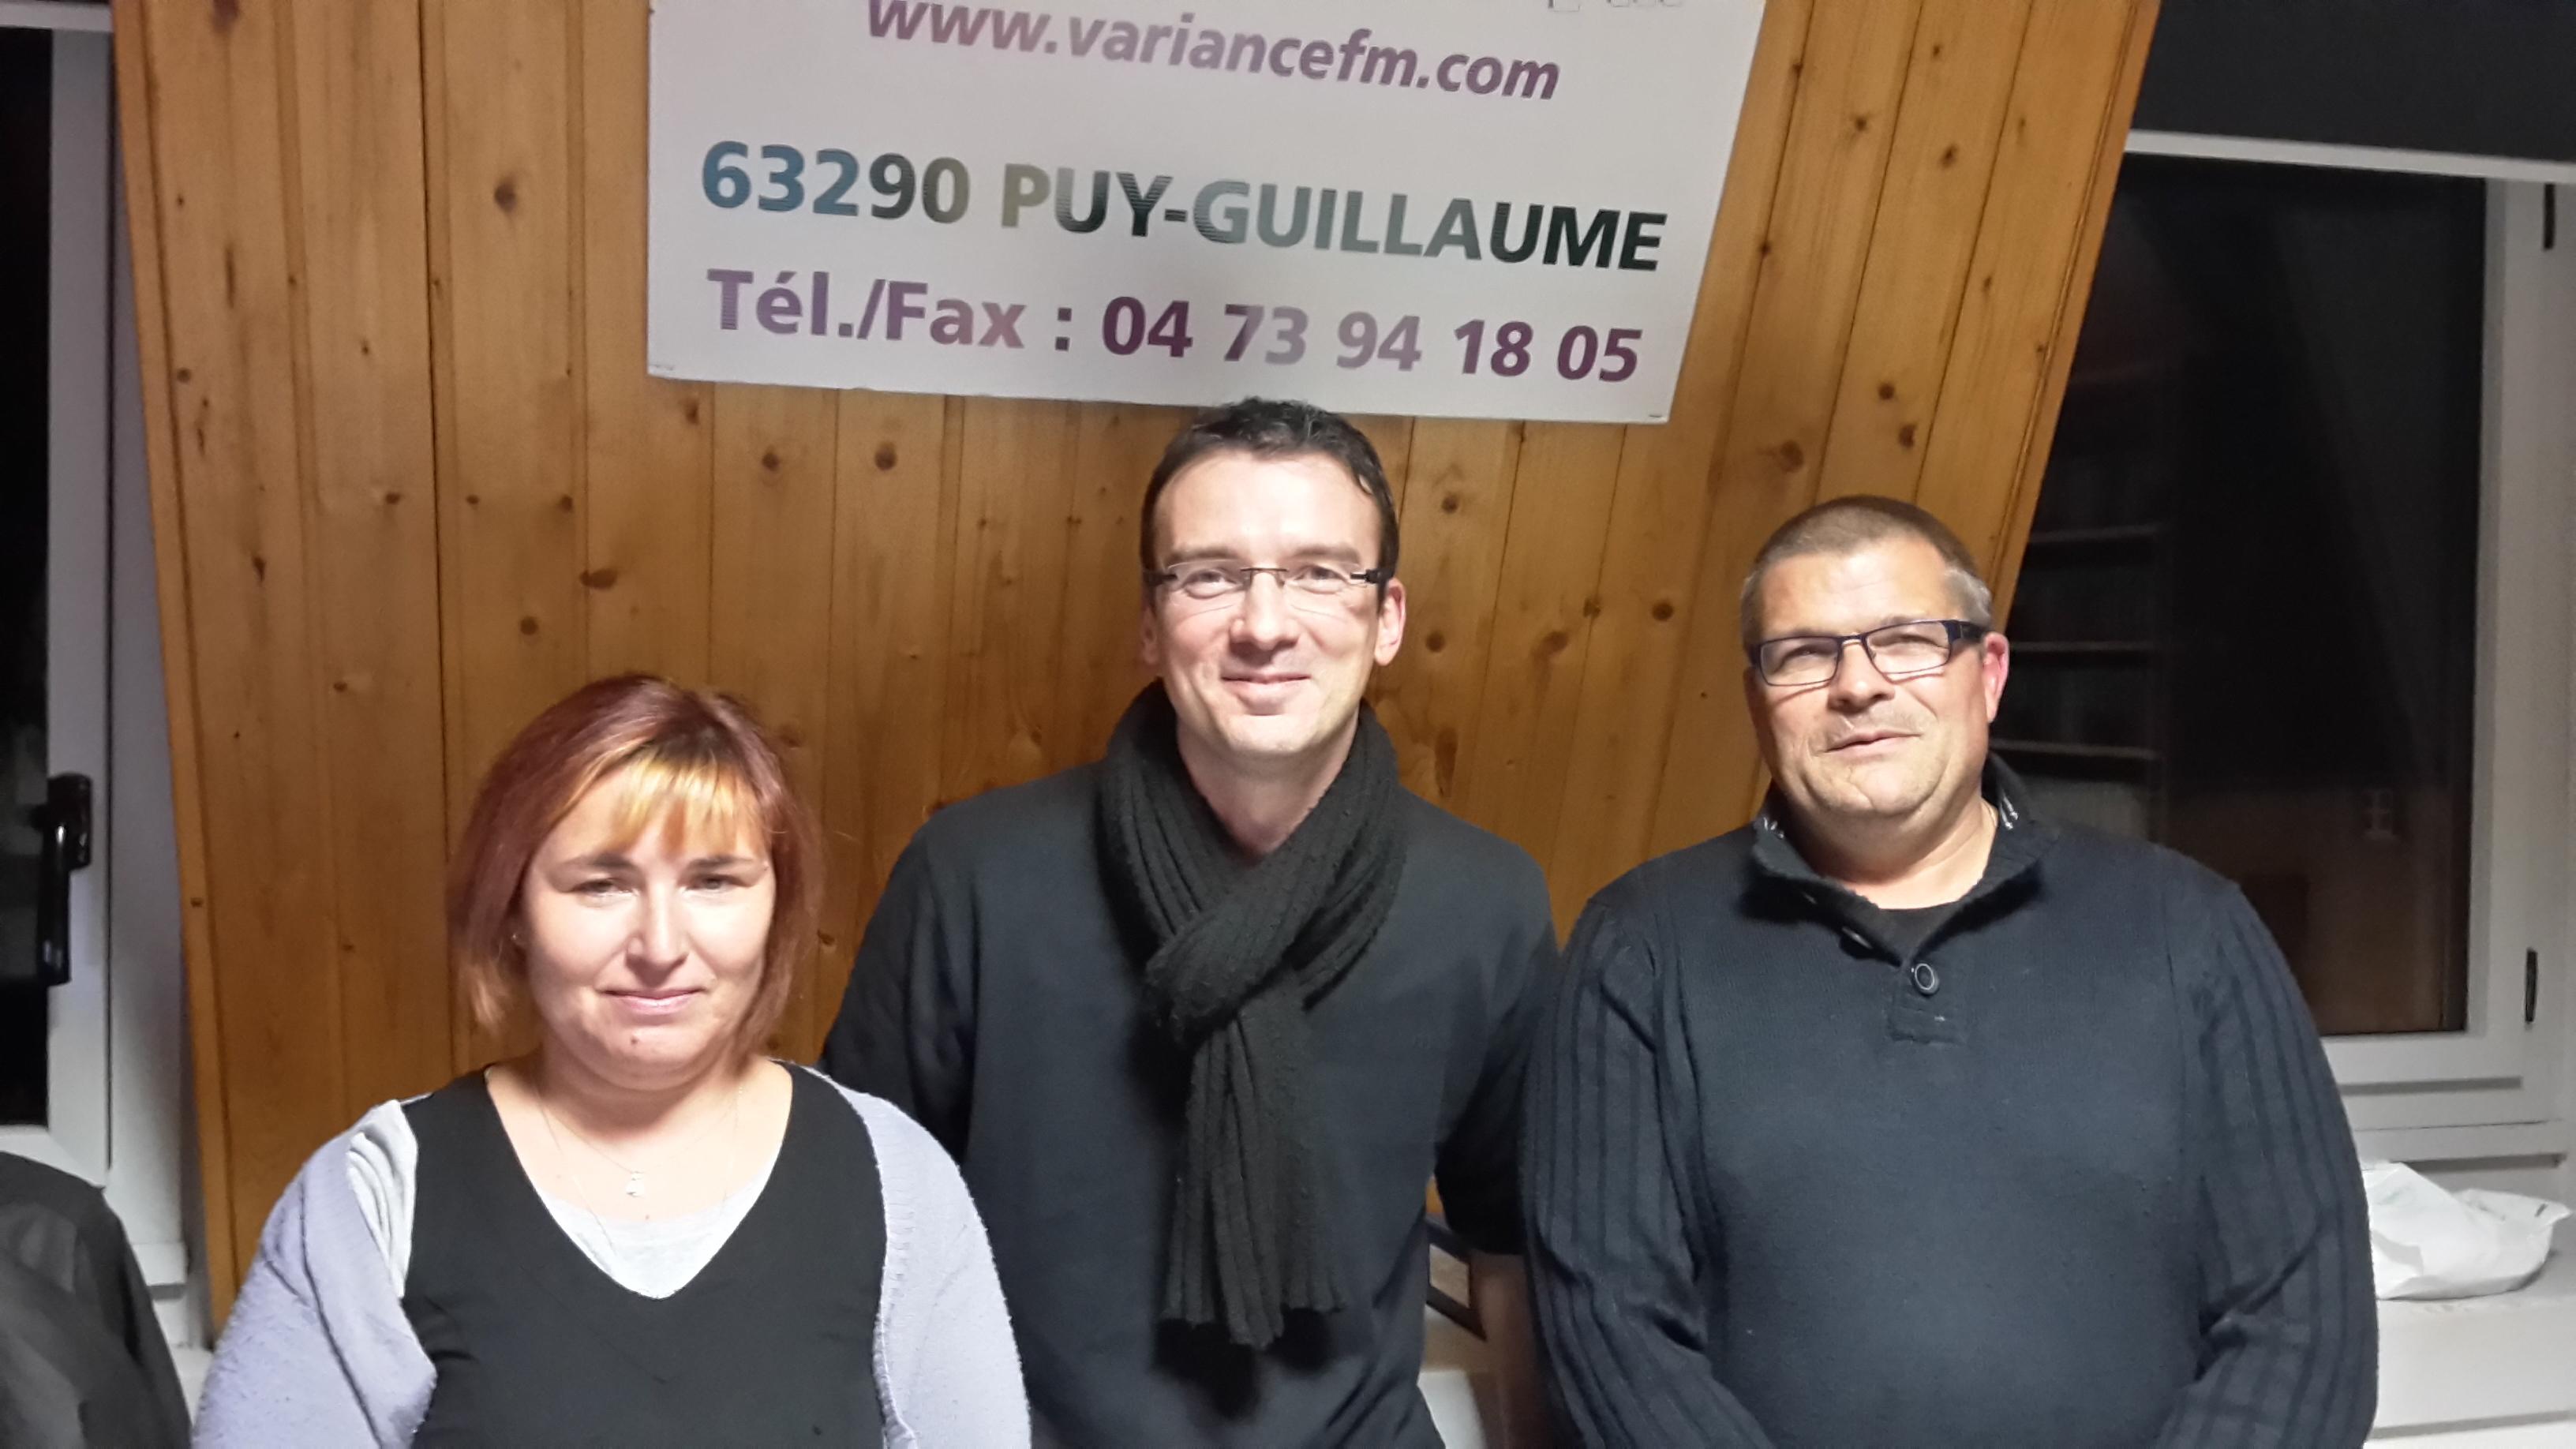 Le comité d'Animation de Châteldon à Variance FM